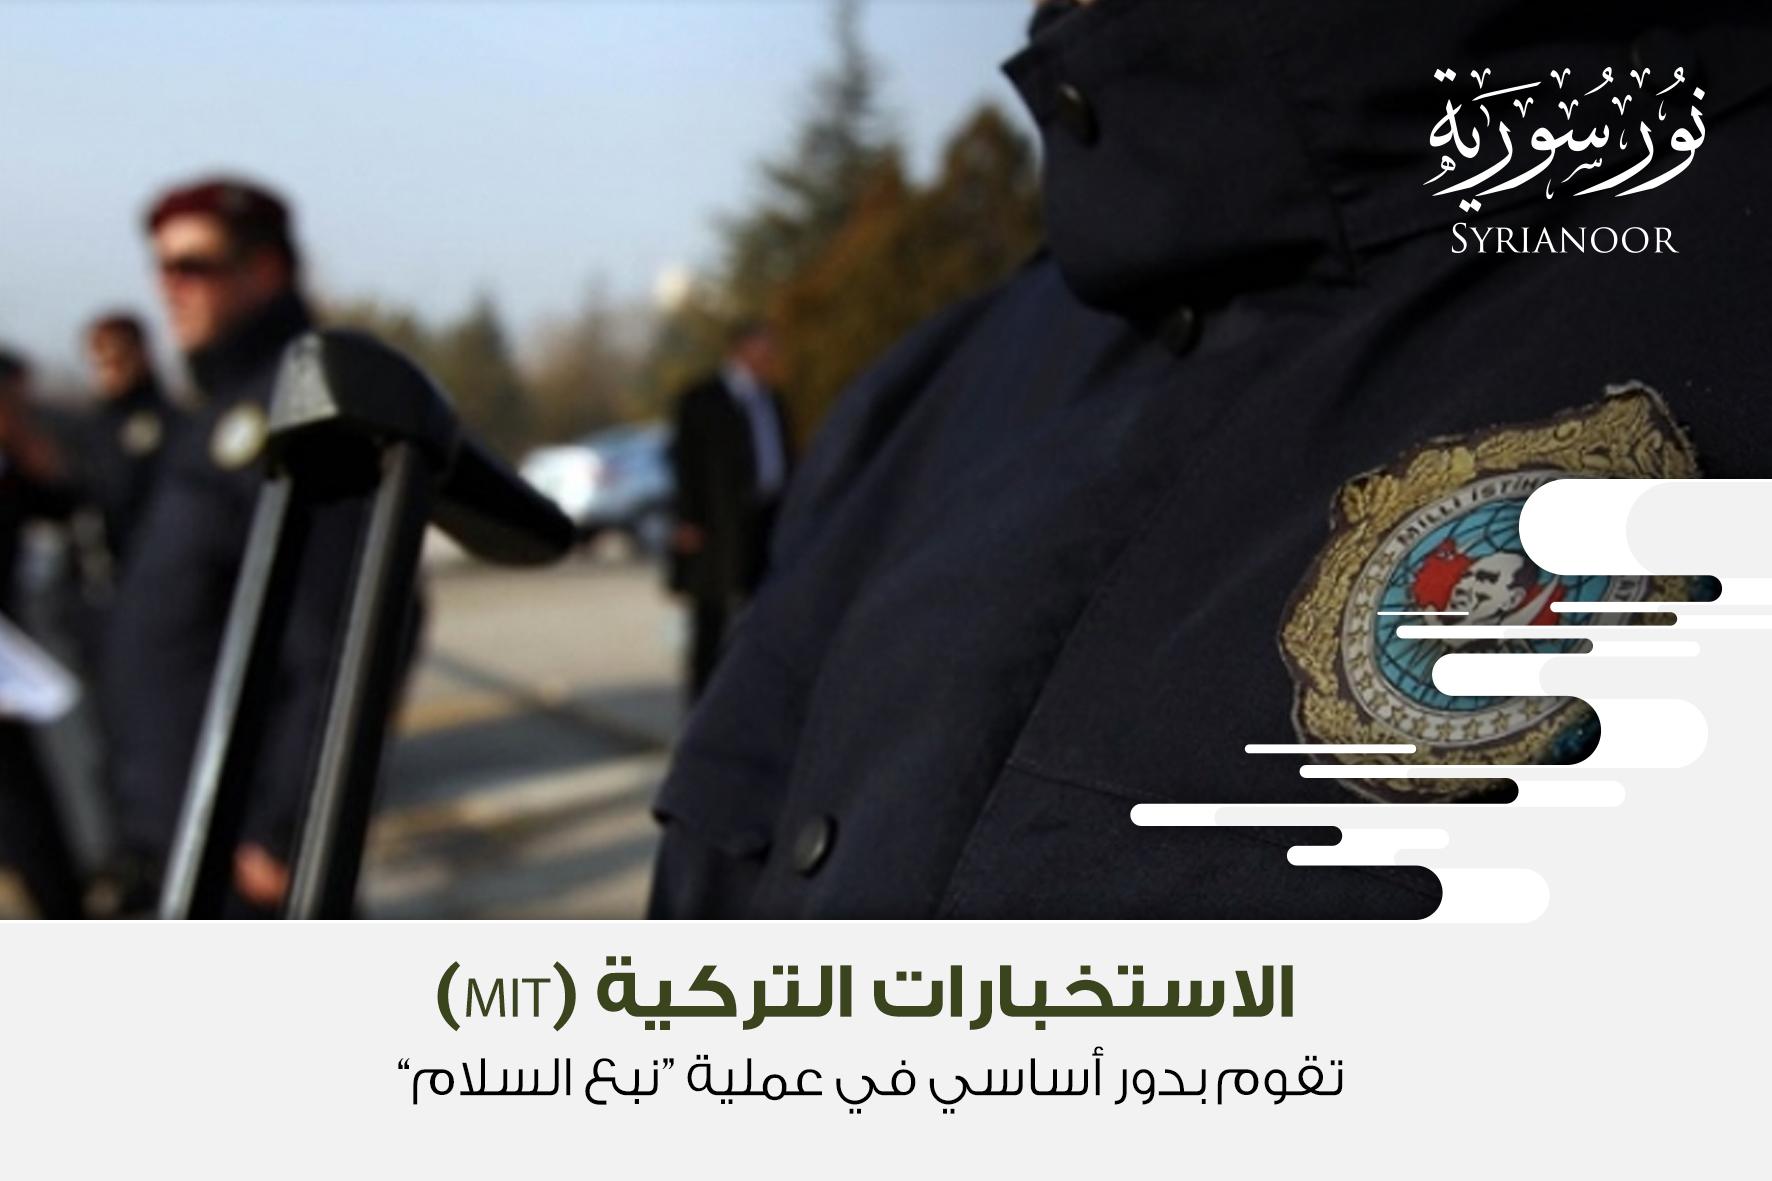 """الاستخبارات التركية (MIT) تقوم بدور أساسي في عملية """"نبع السلام"""""""